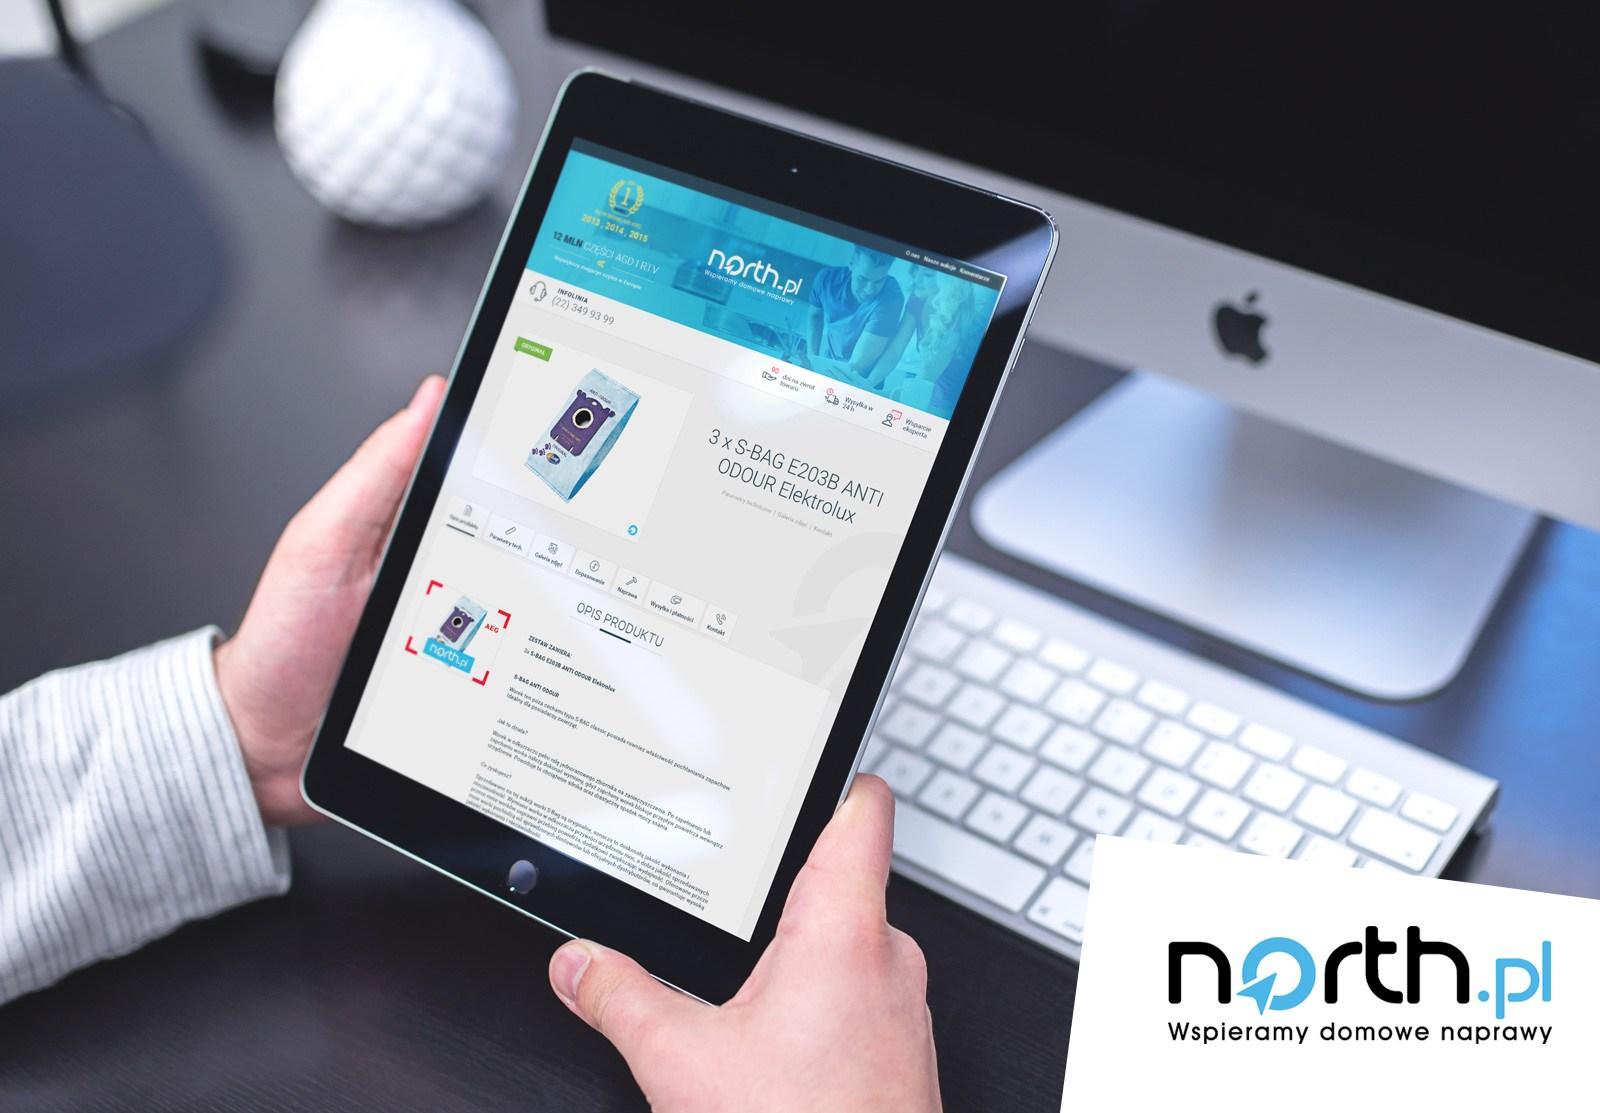 northpl-szablon-012-1600px